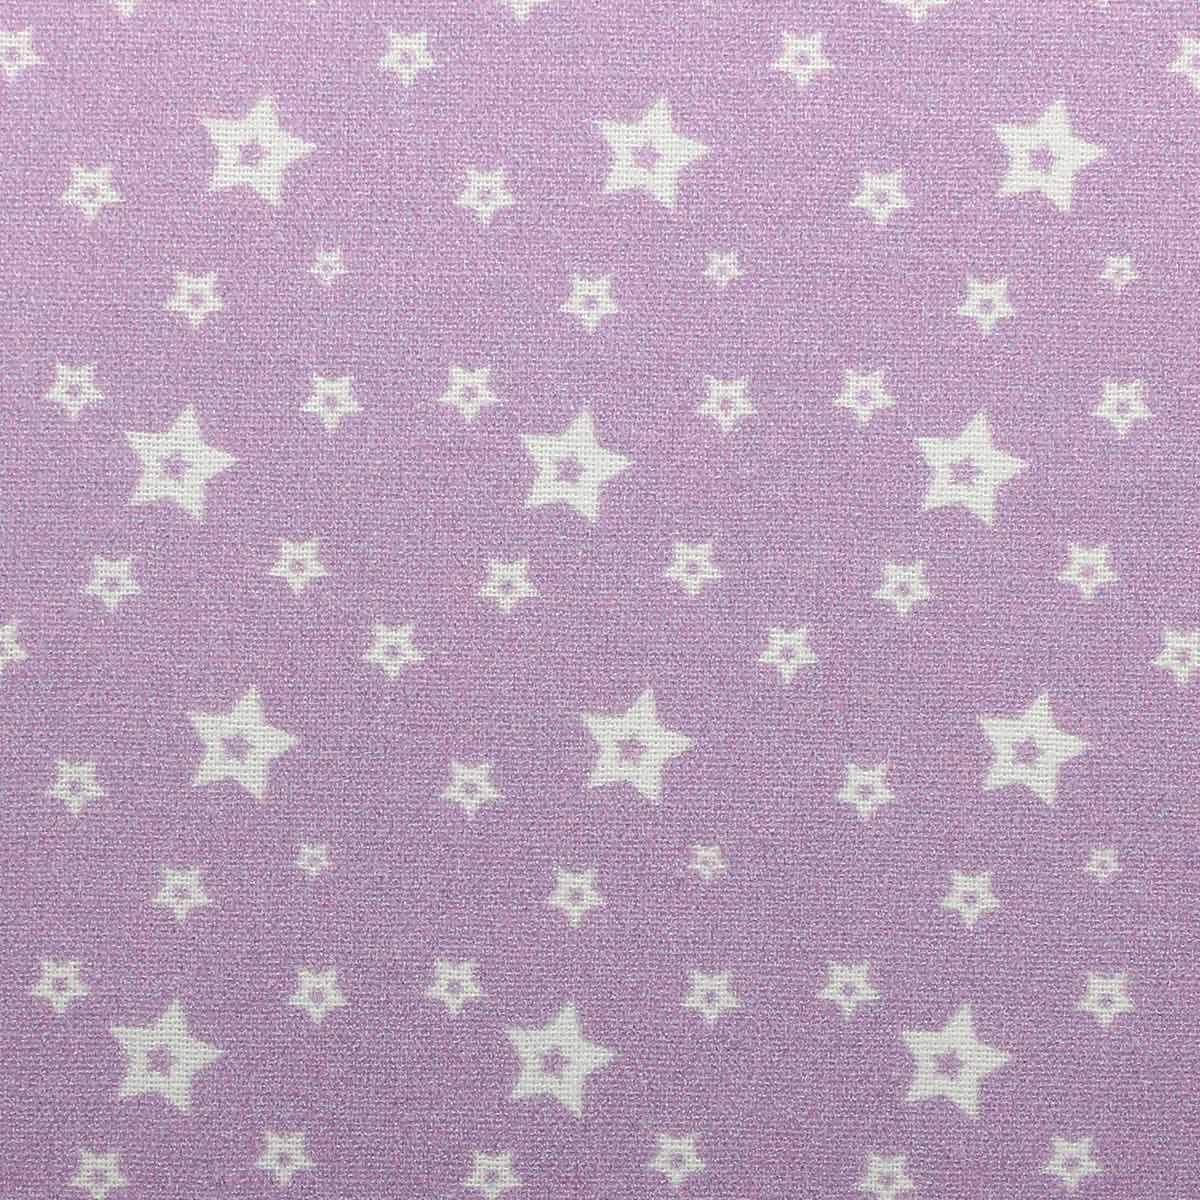 АМ575033 Ткань 'Звезды' №33, 100% хлопок, 120 г/м2, размер 48*50см